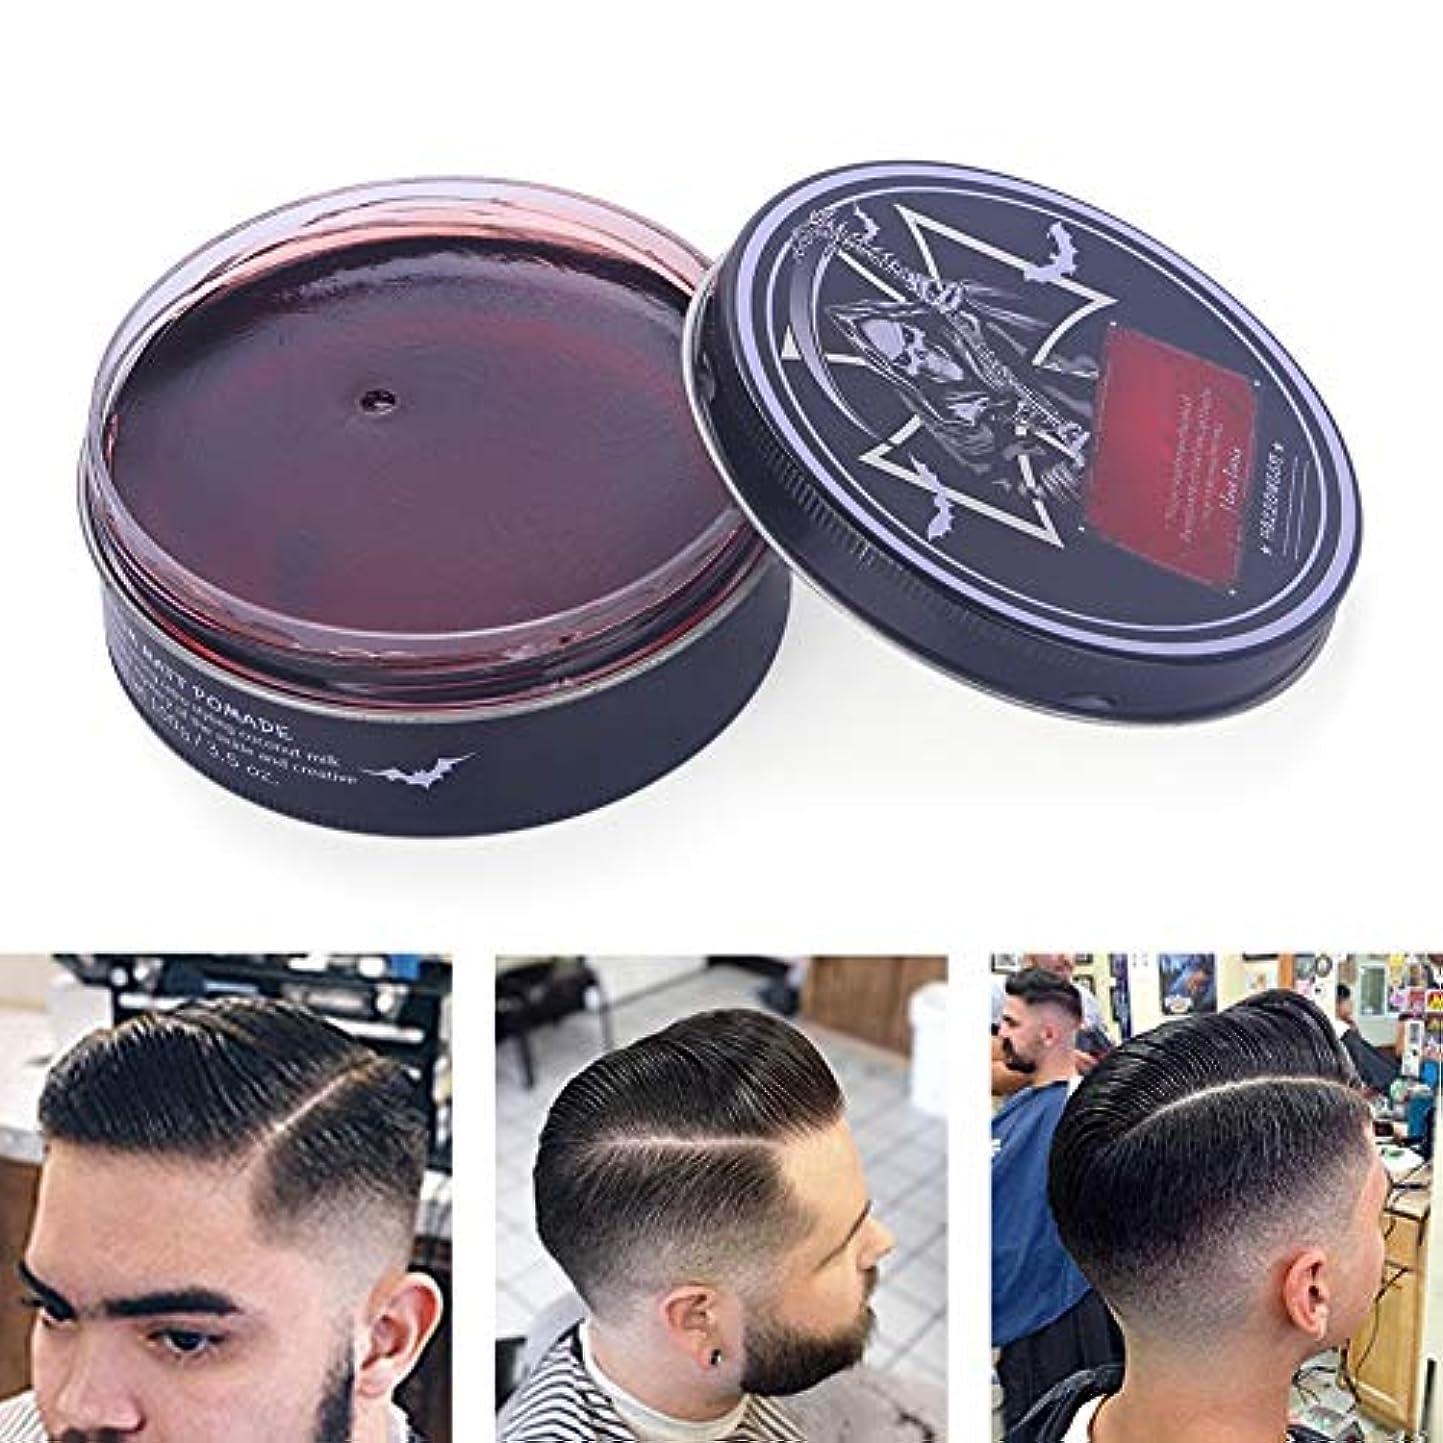 ペンダント経度人質プロのヘアスタイリング100ミリリットルを設計するための男性のためのヘアスタイリングワックス、ナチュラルおよび有機成分ヘアスタイリング粘土